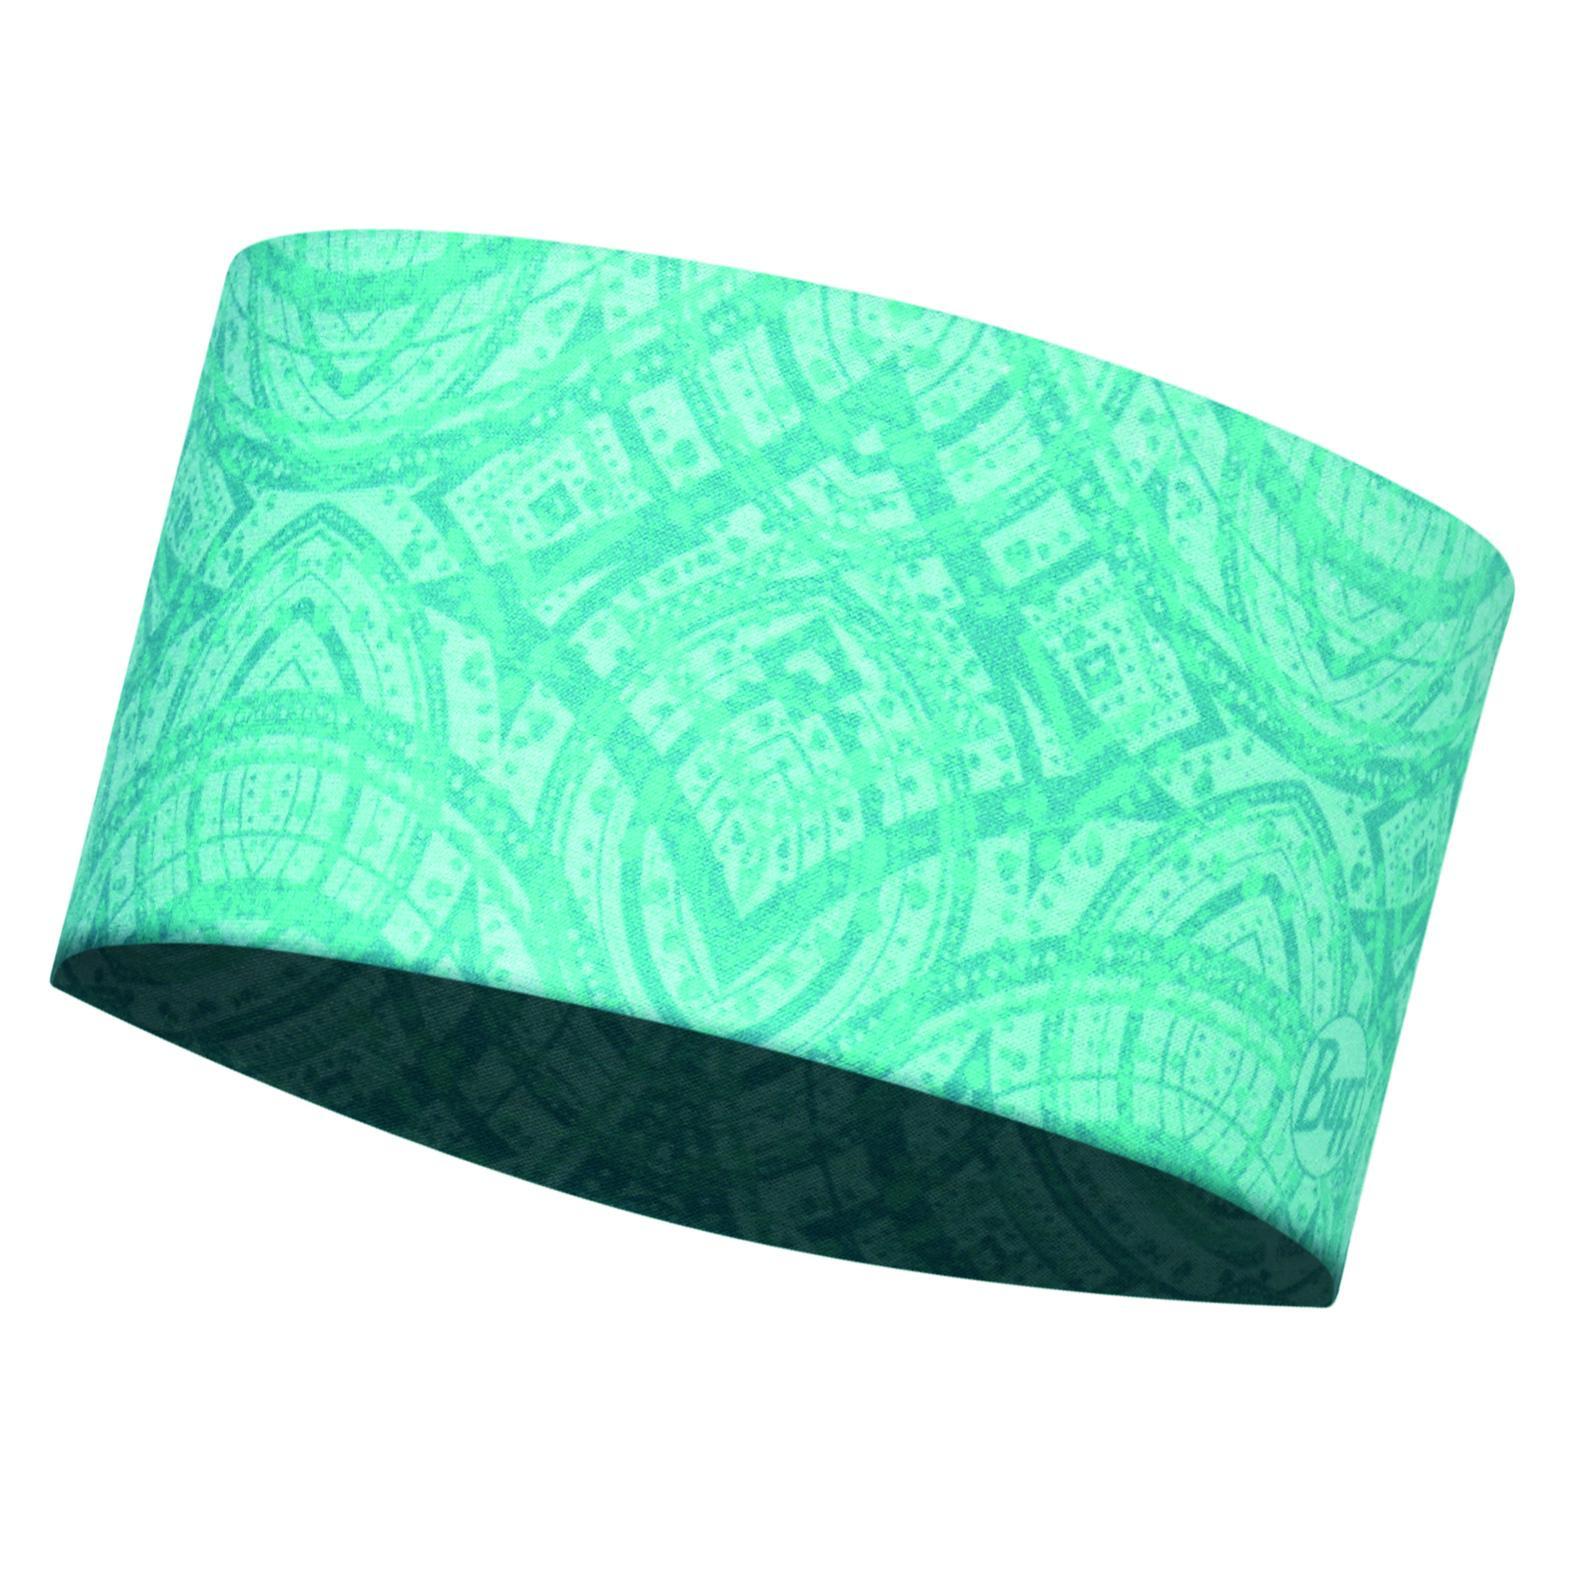 Повязка BUFF Headband MASH TURQUOISE Банданы и шарфы Buff ® 1312846  - купить со скидкой